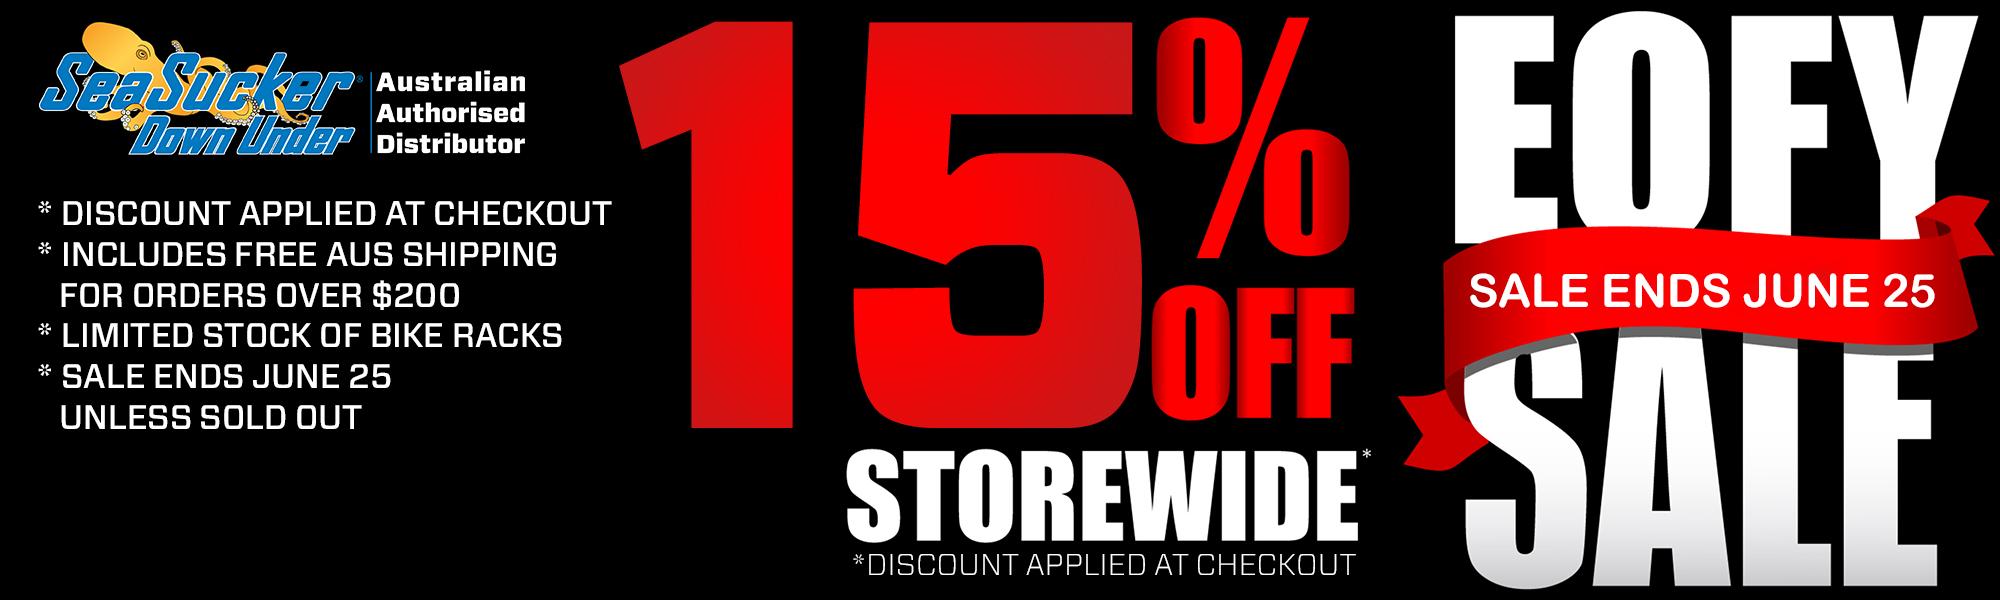 SeaSucker Down Under EOFY Sale 15% off